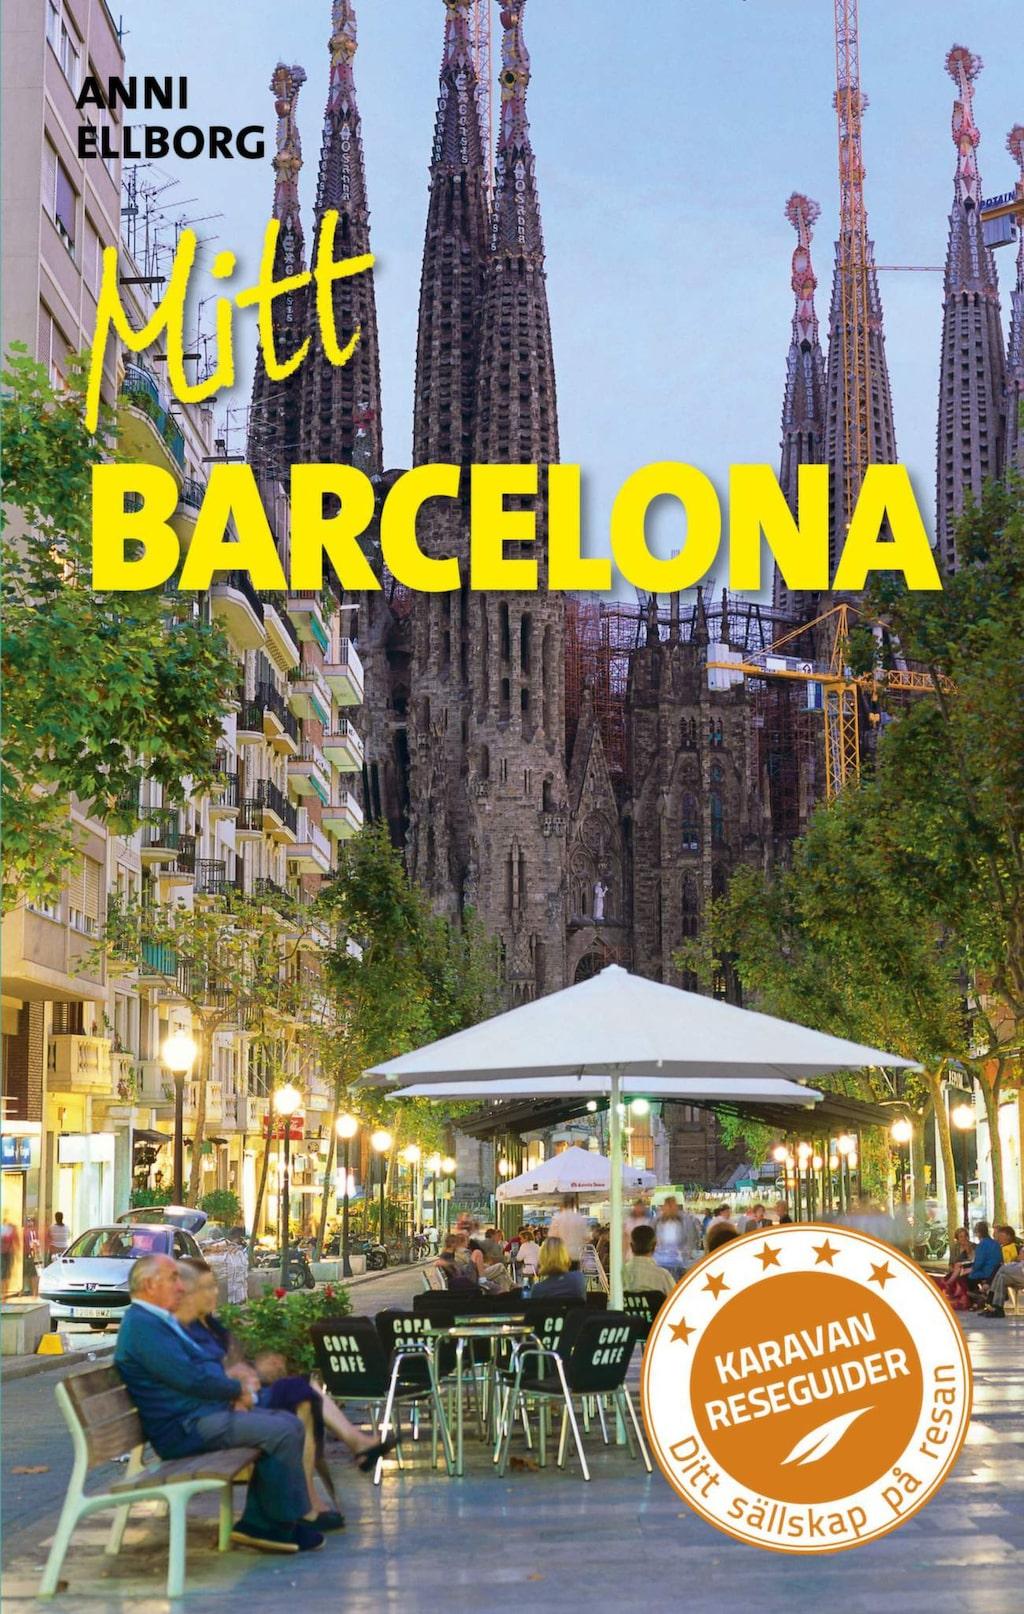 """<p>Boken """"Mitt Barcelona"""" av Anni Ellborg.</p>"""